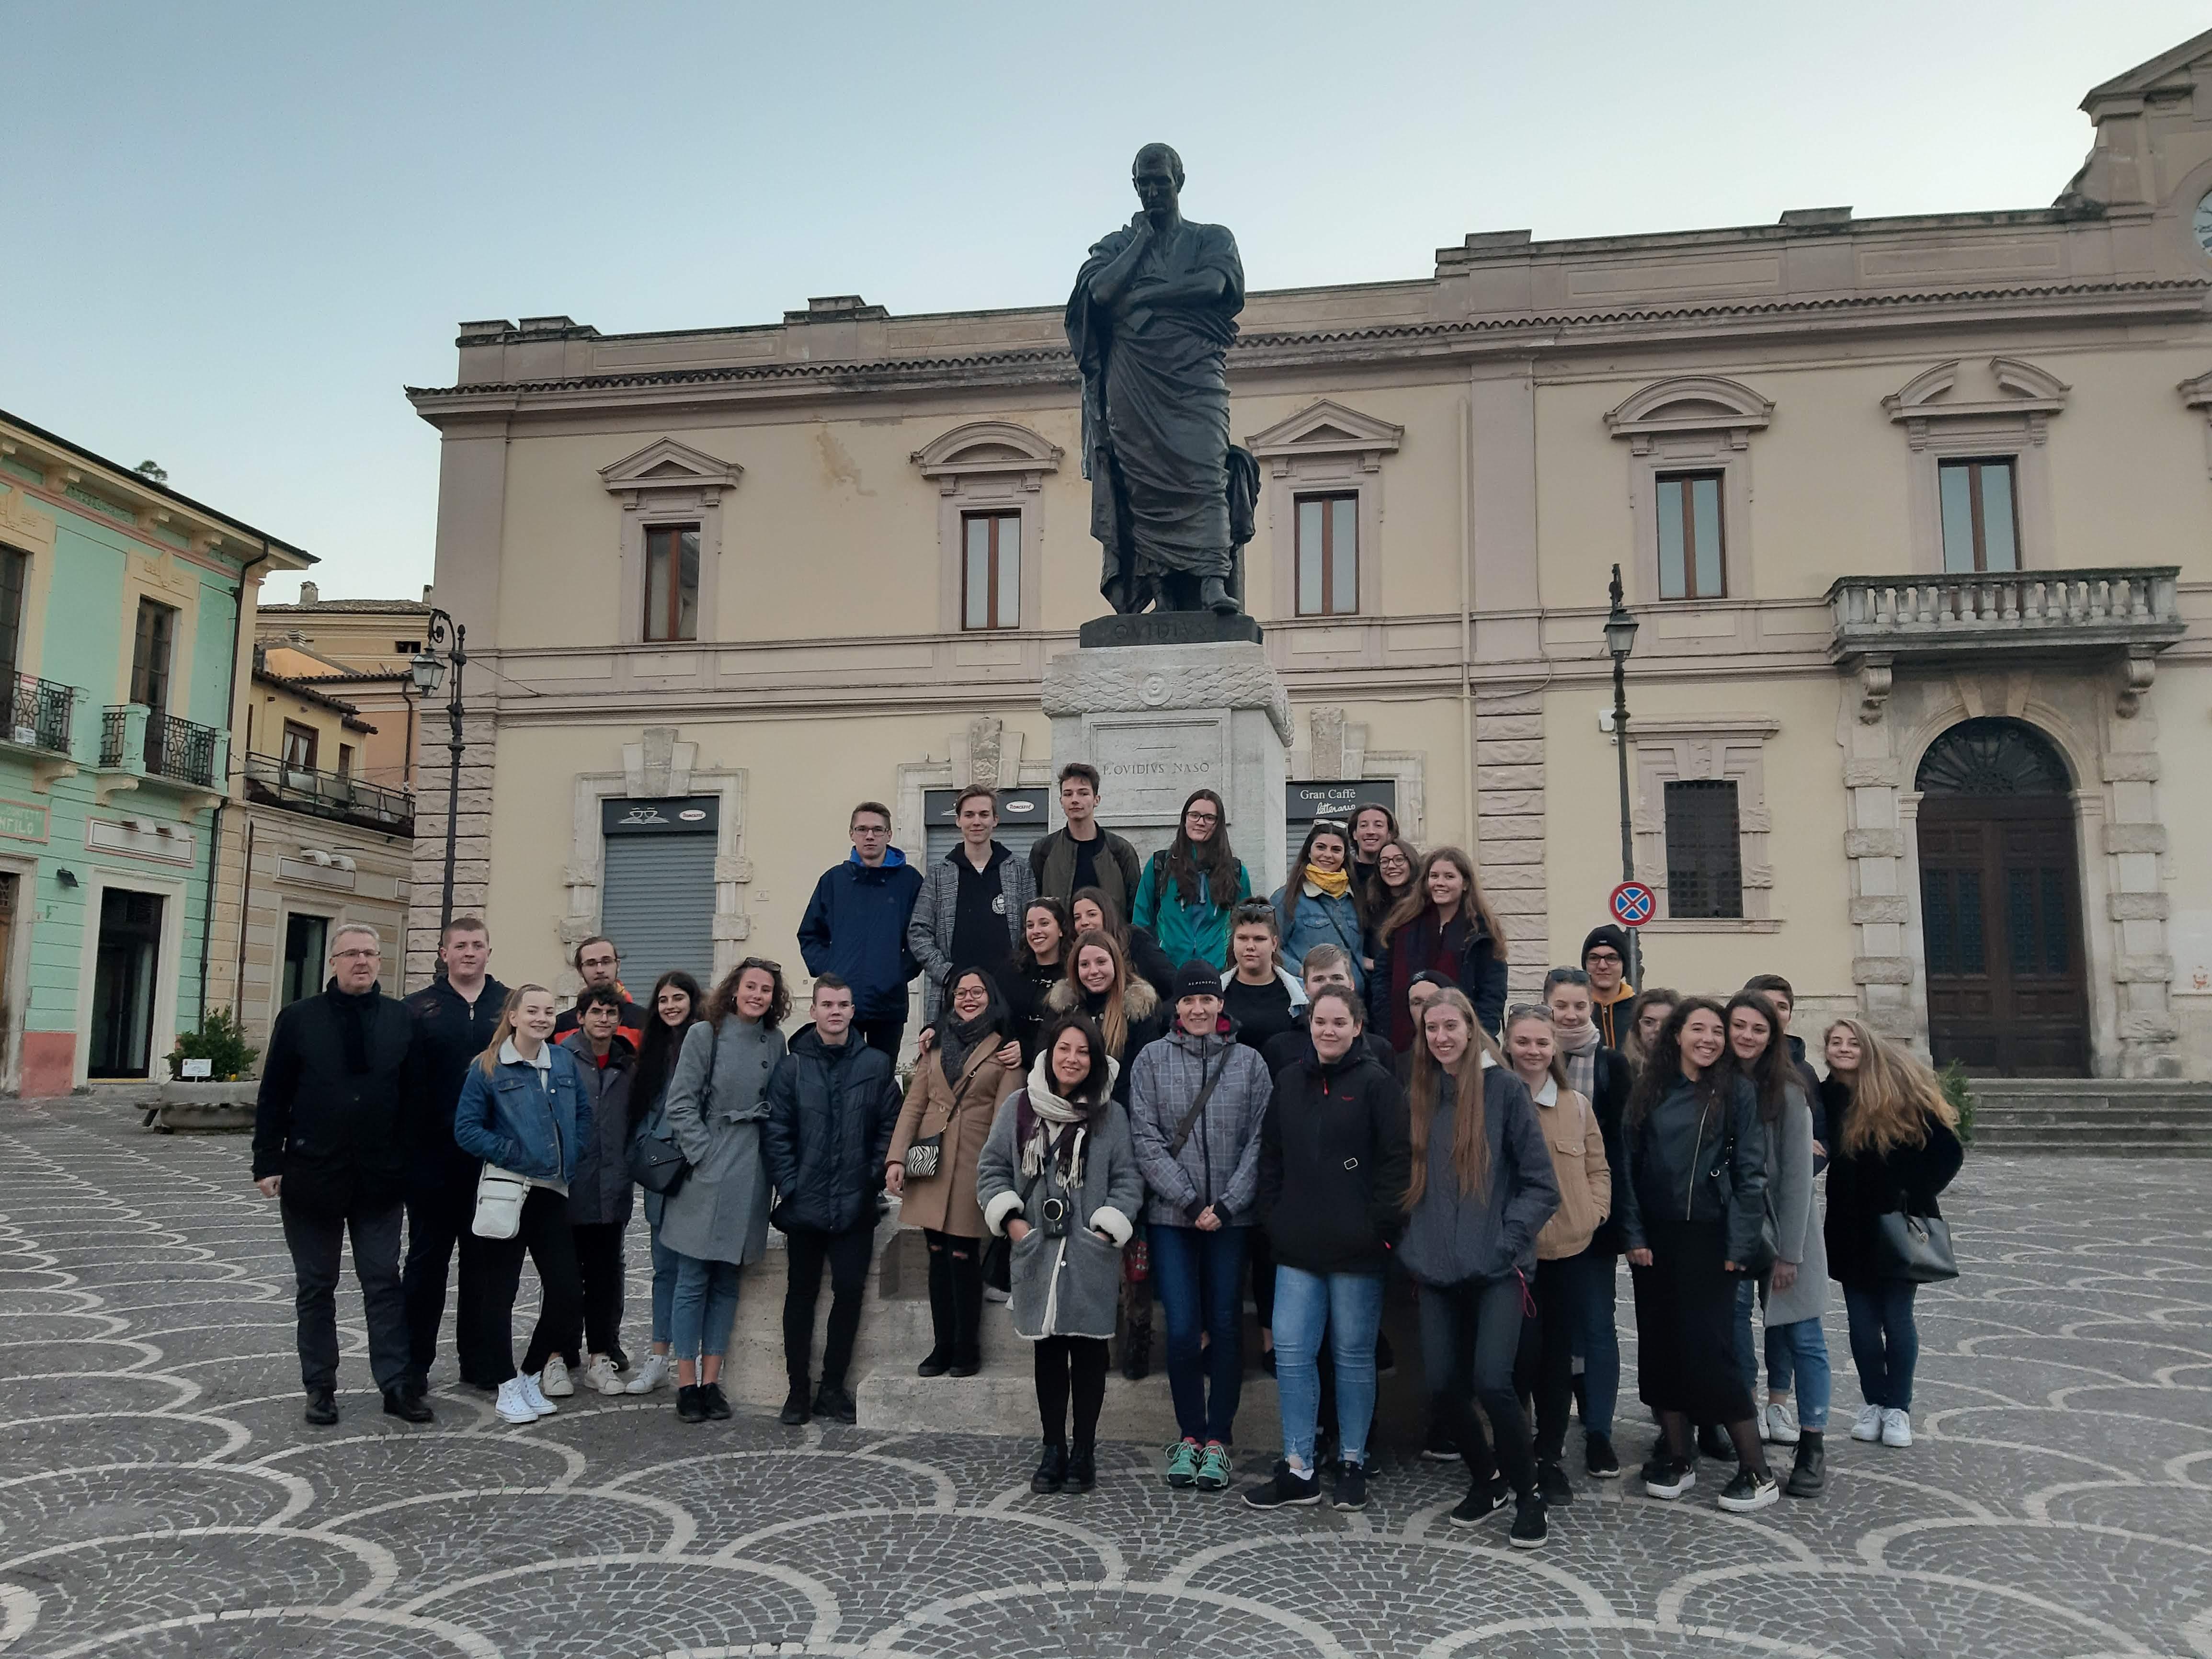 Šumperští studenti v partnerském města Sulmona zdroj foto: mus